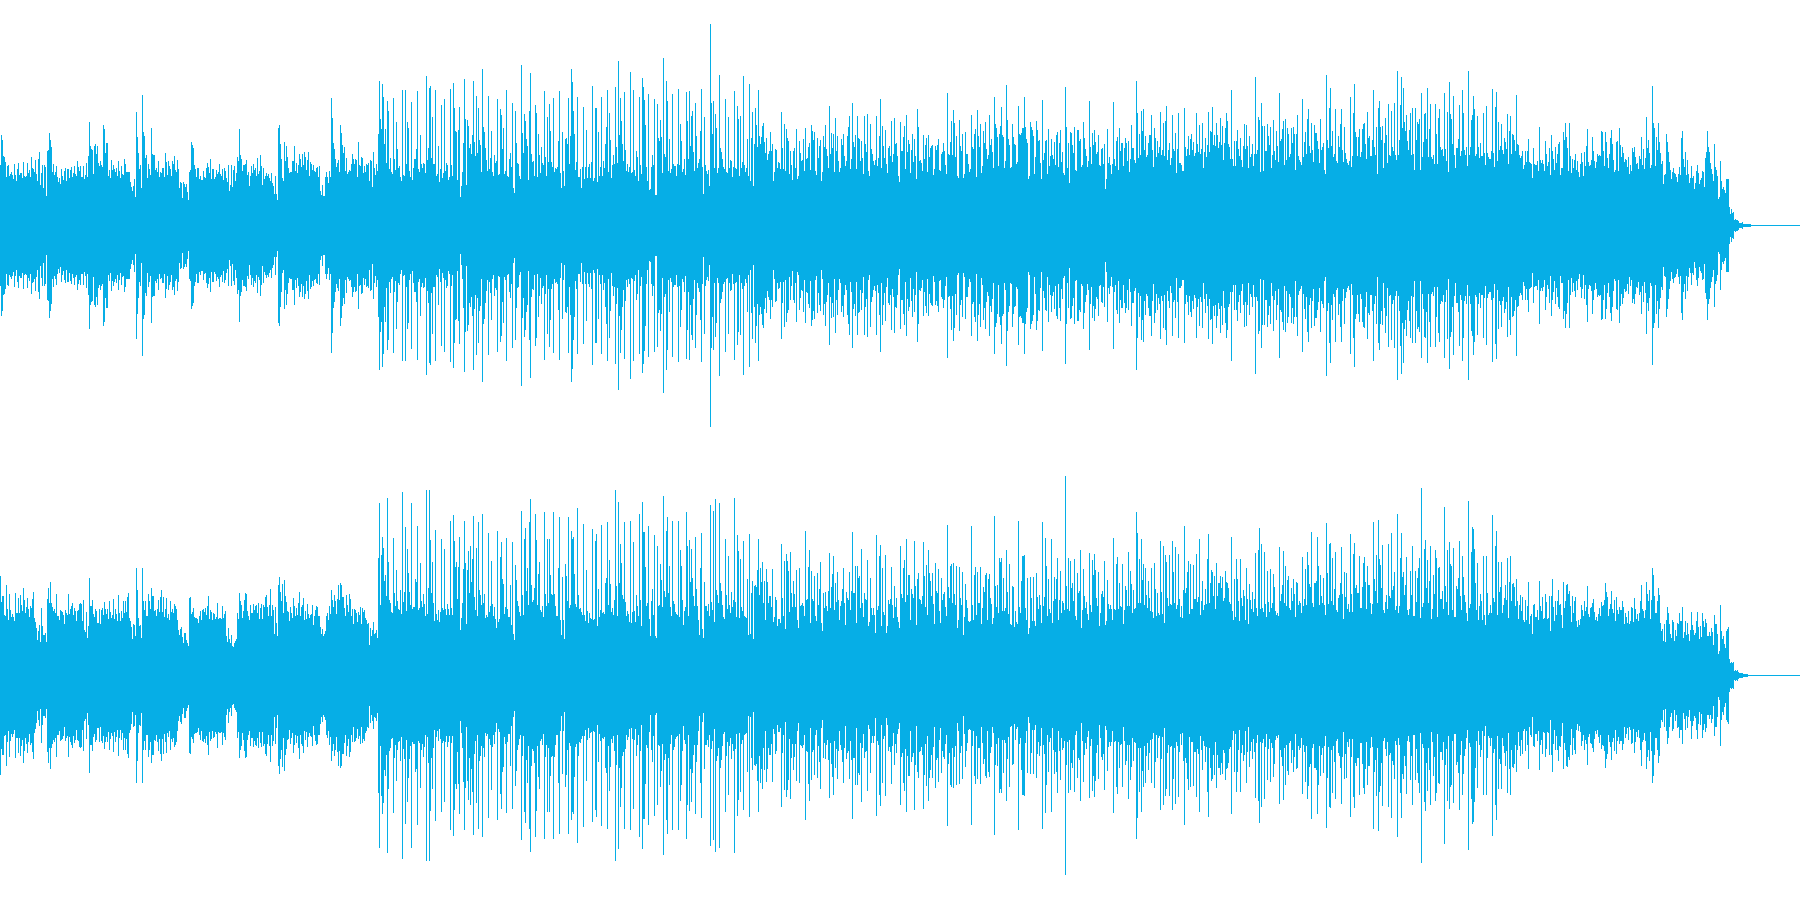 洋風なフィールド曲の再生済みの波形